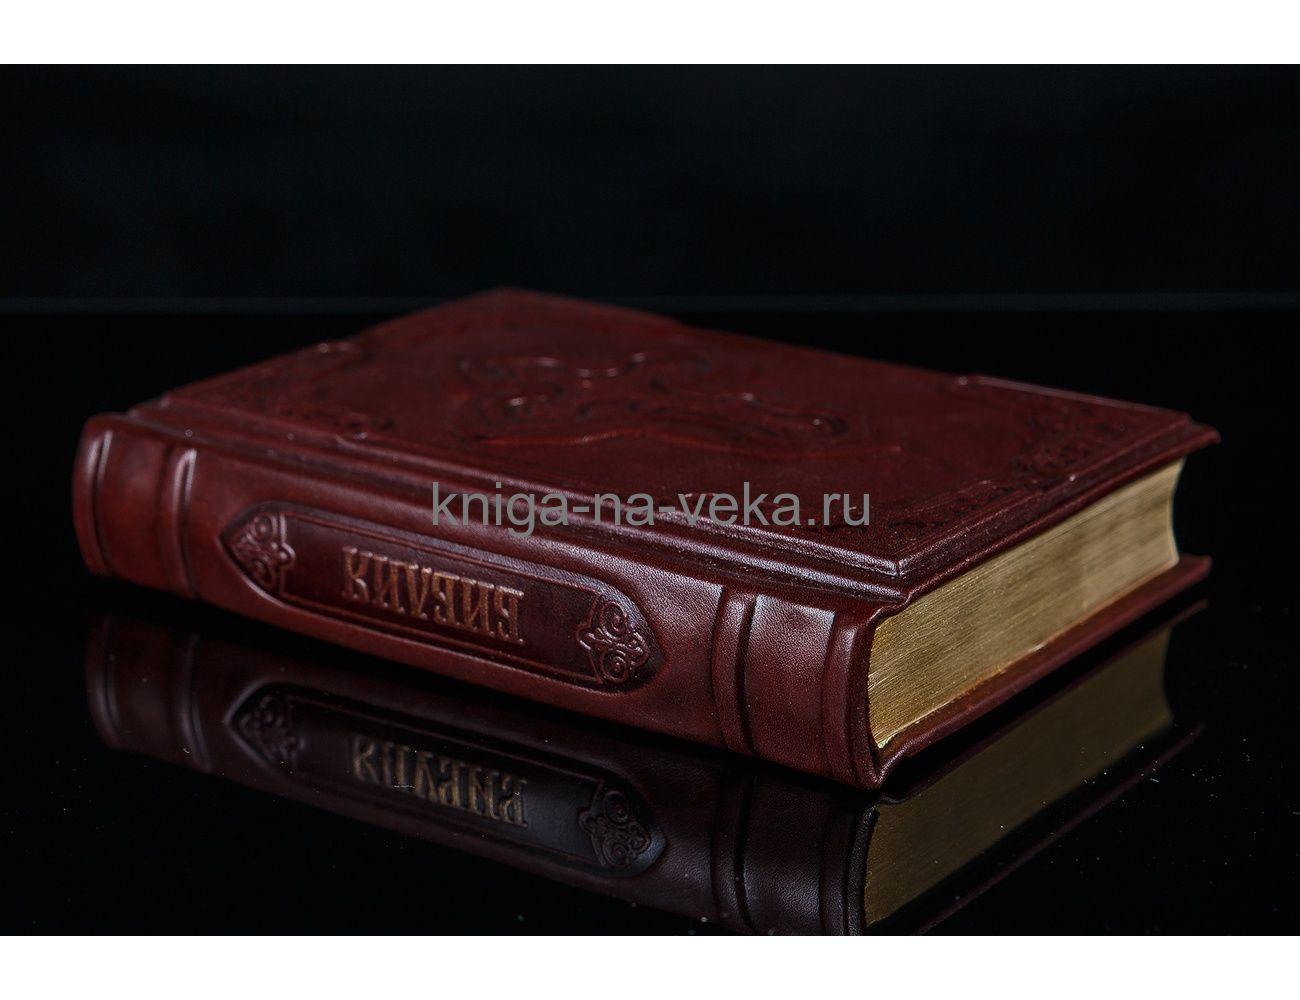 Книга «Библия» в кожаном переплёте с тиснением малого формата